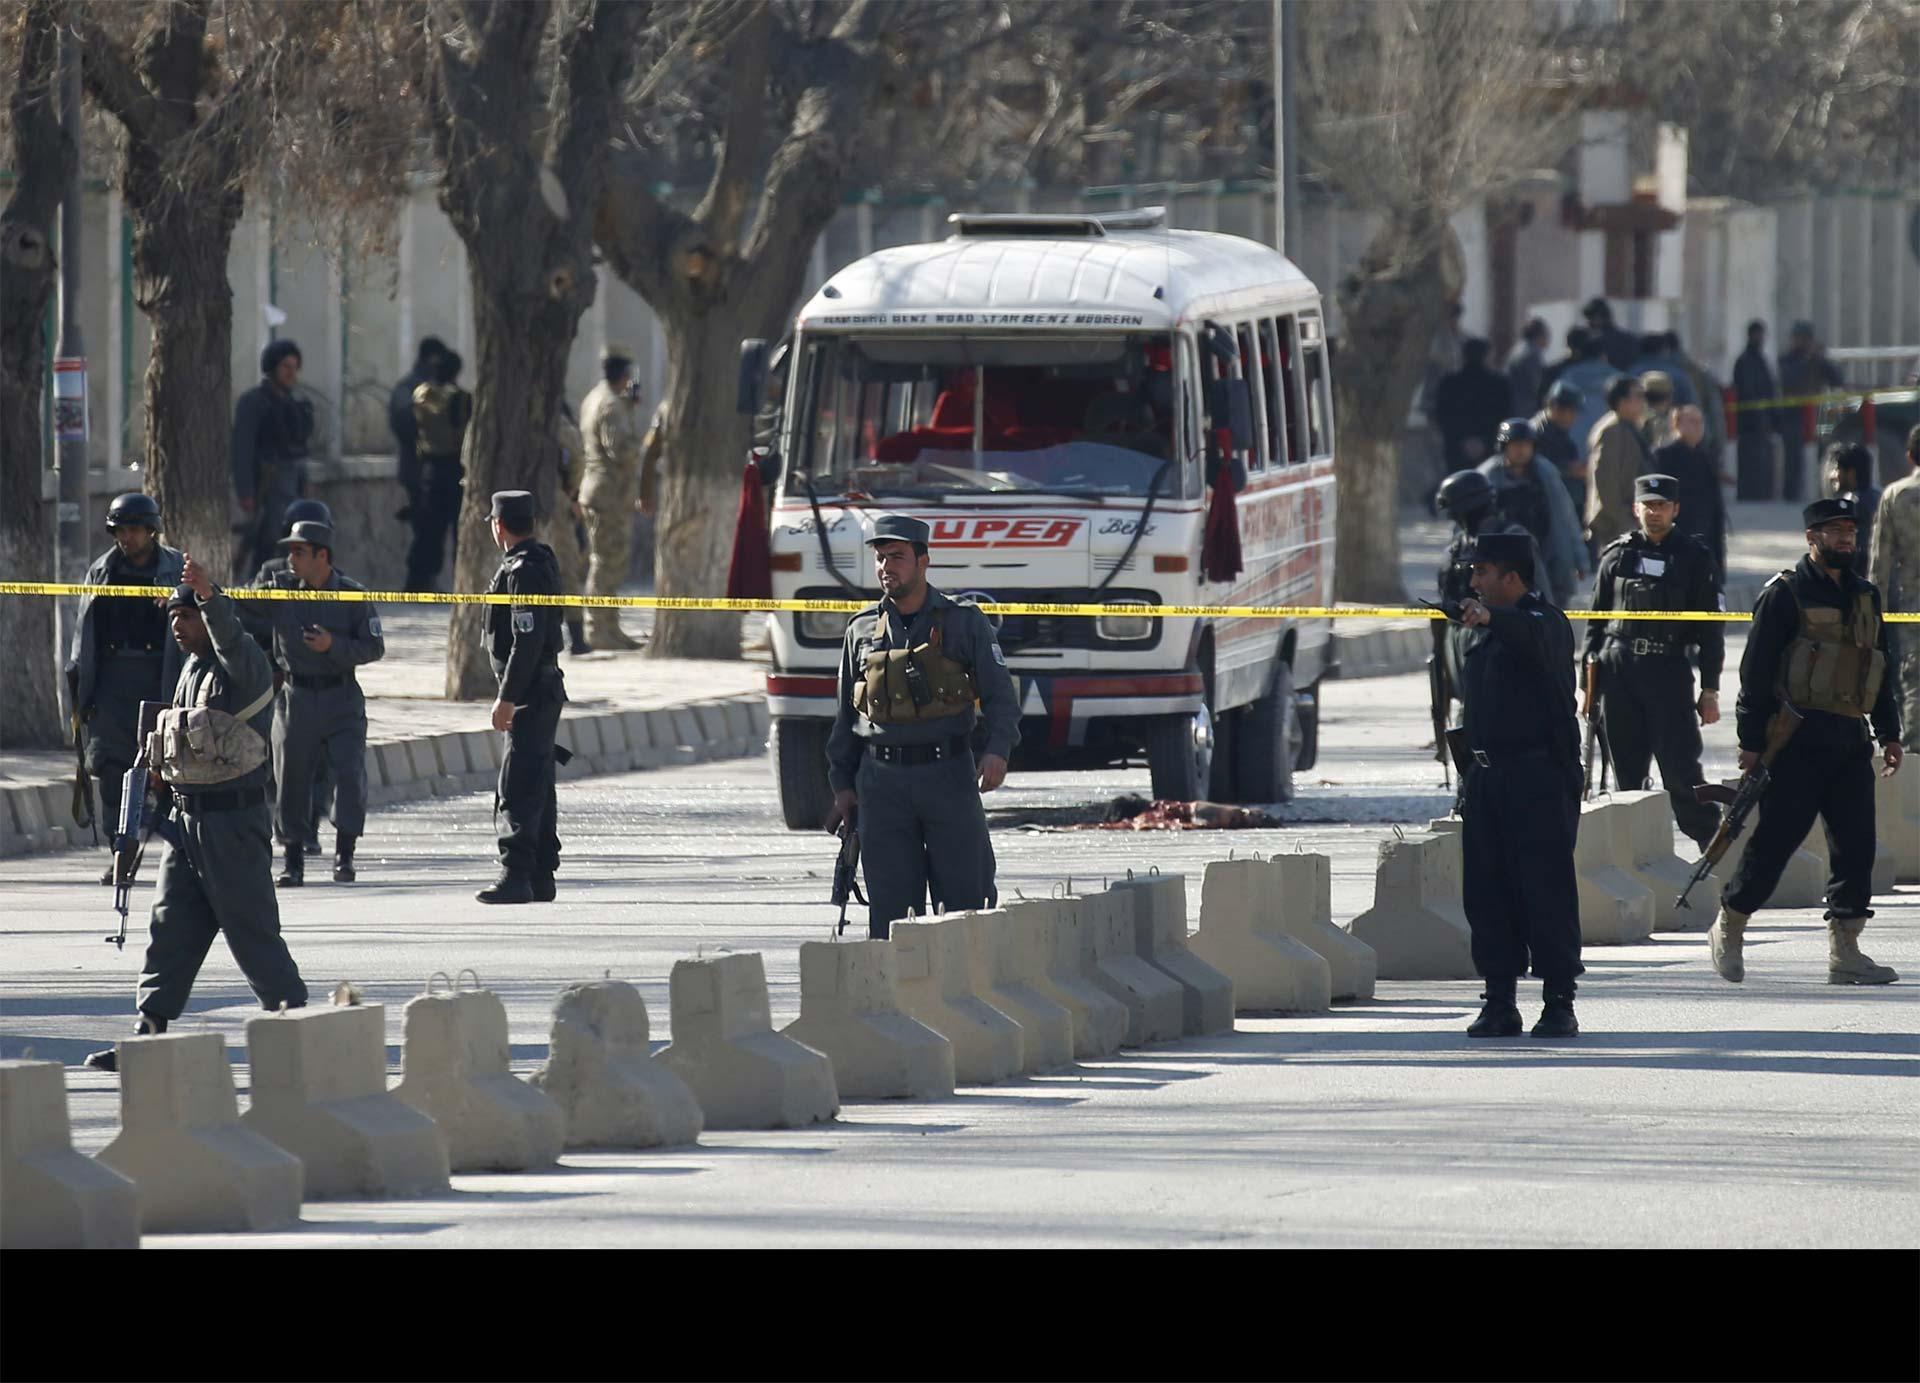 Se trata de un ataque suicida que, además, dejó alrededor de 30 heridos